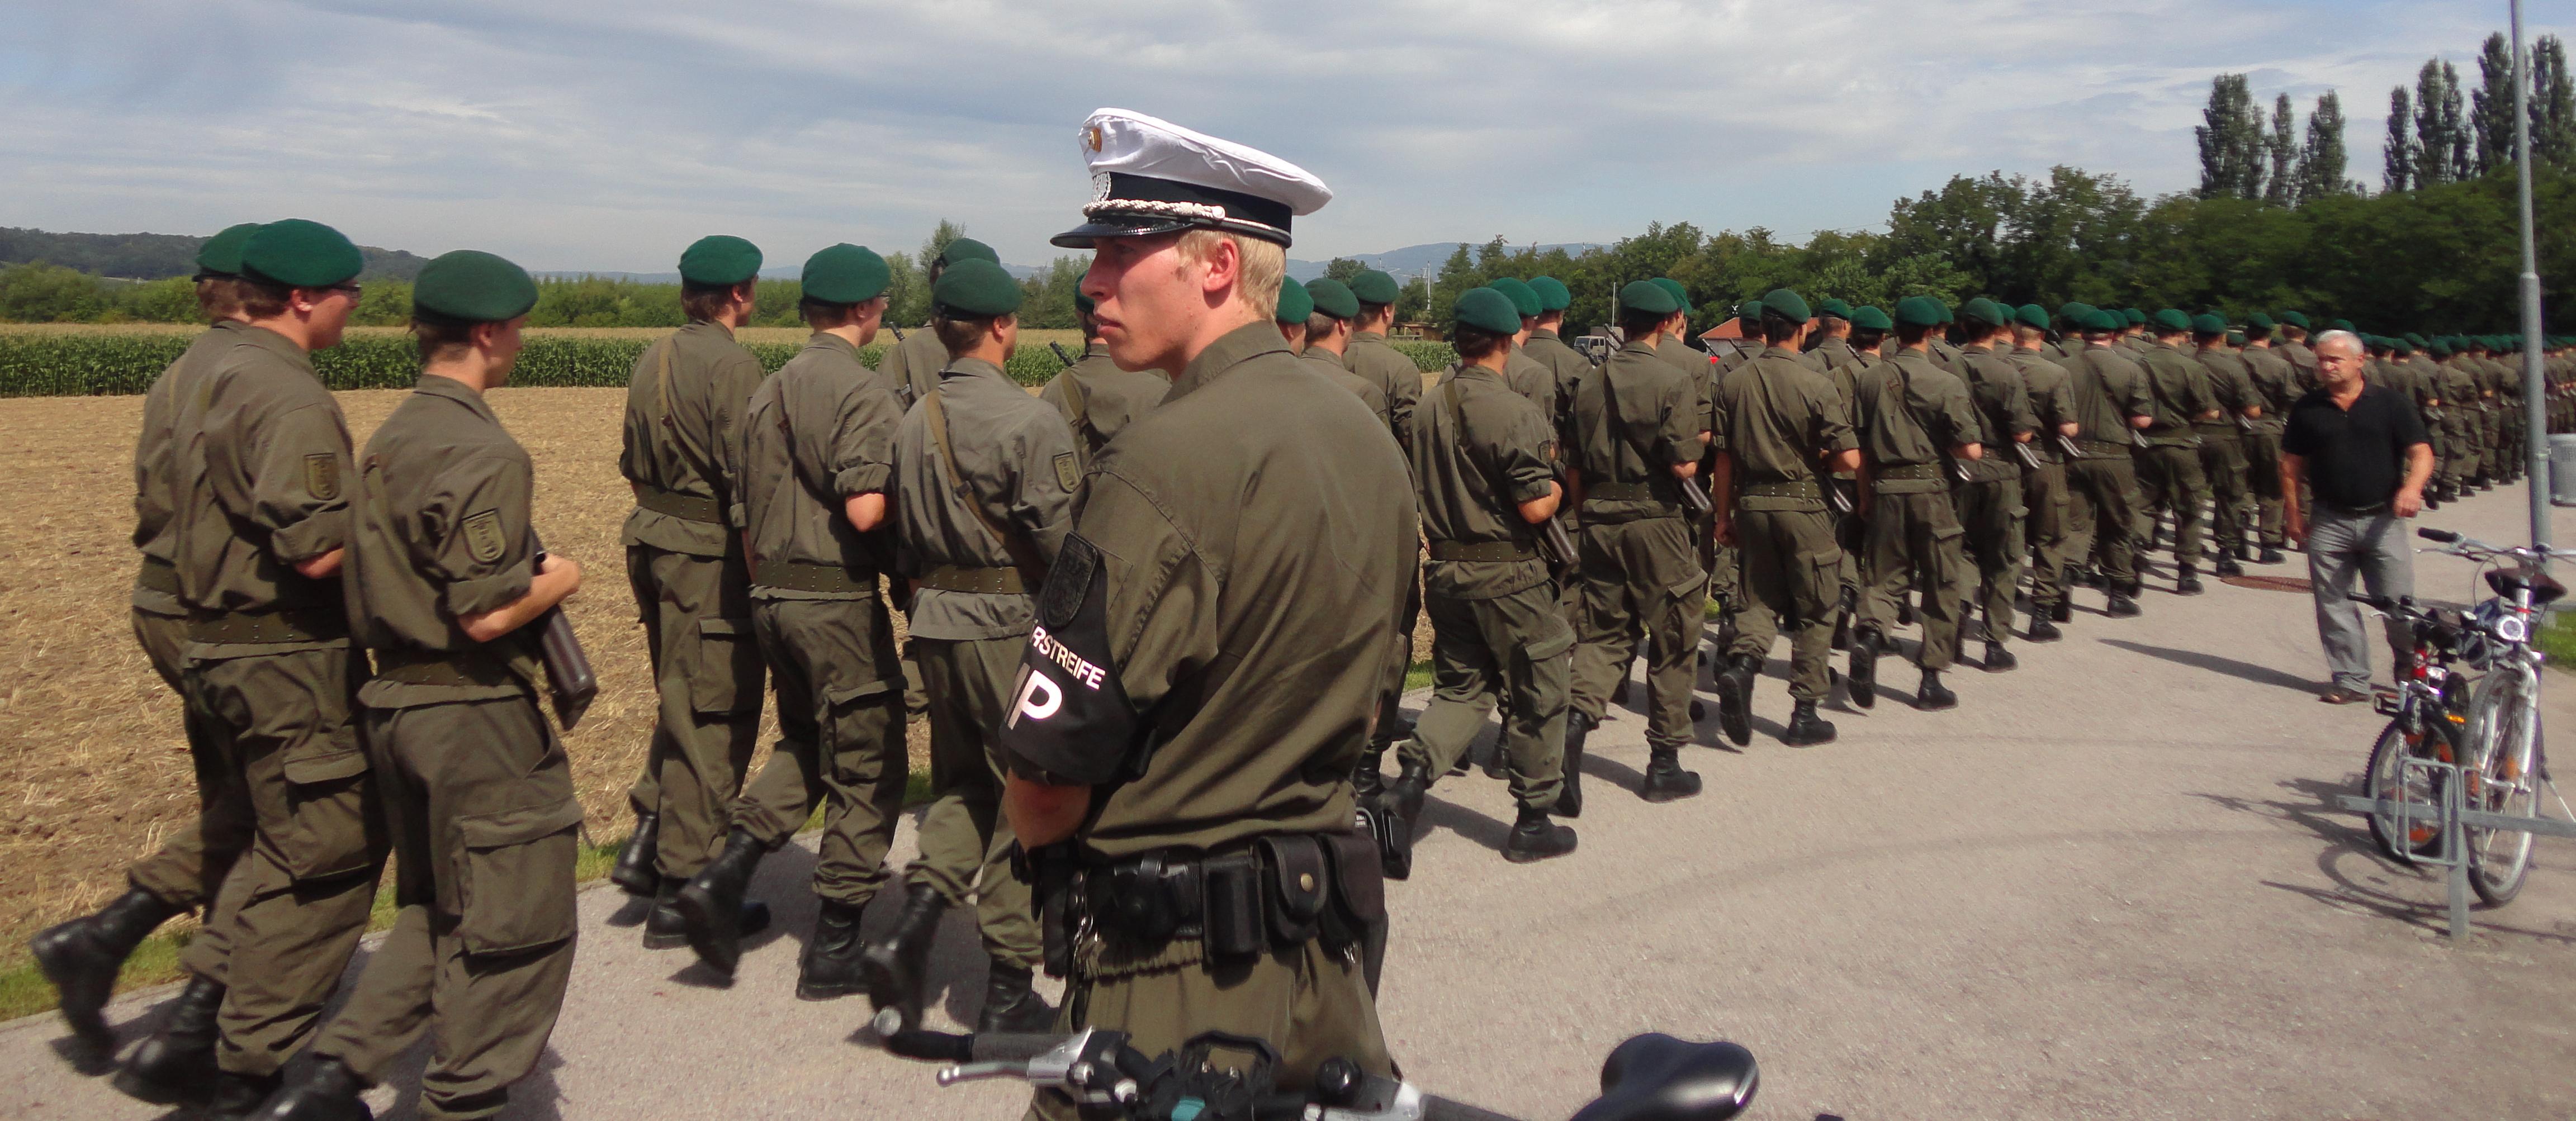 Kommando Militärstreife und Militärpolizei - Wikiwand